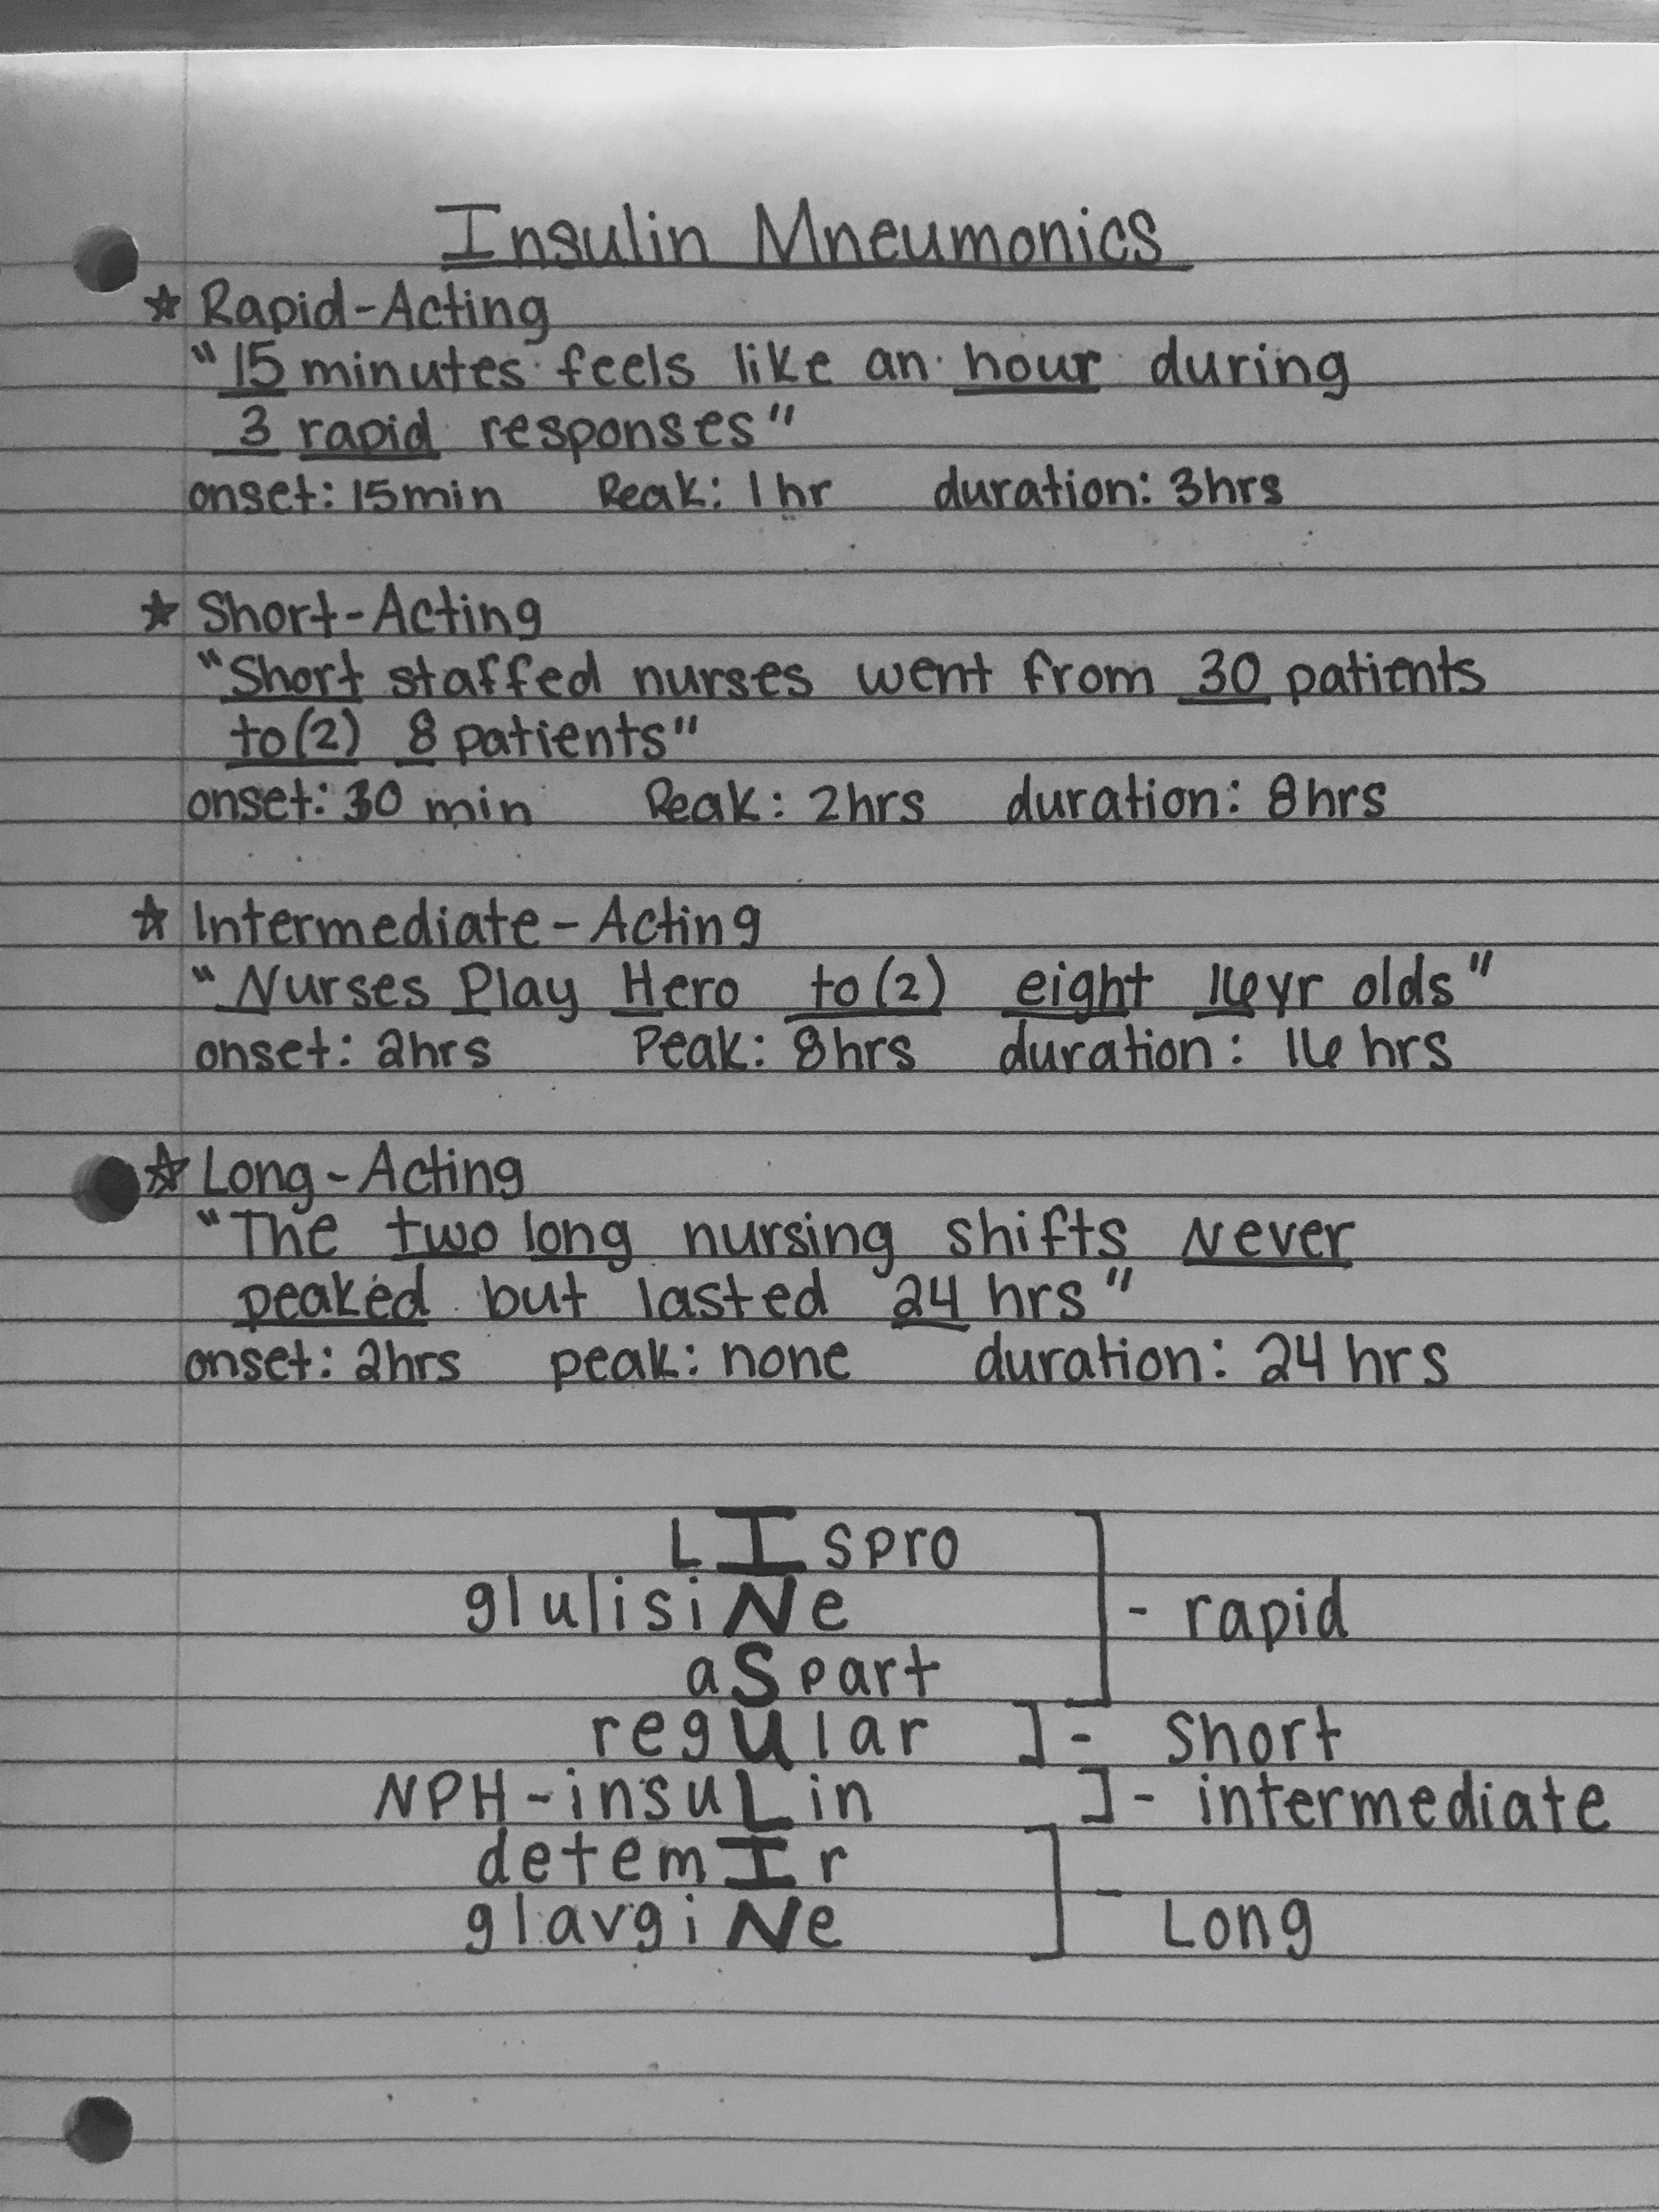 Insulin Mnemonics | Nursing school | Nursing school notes